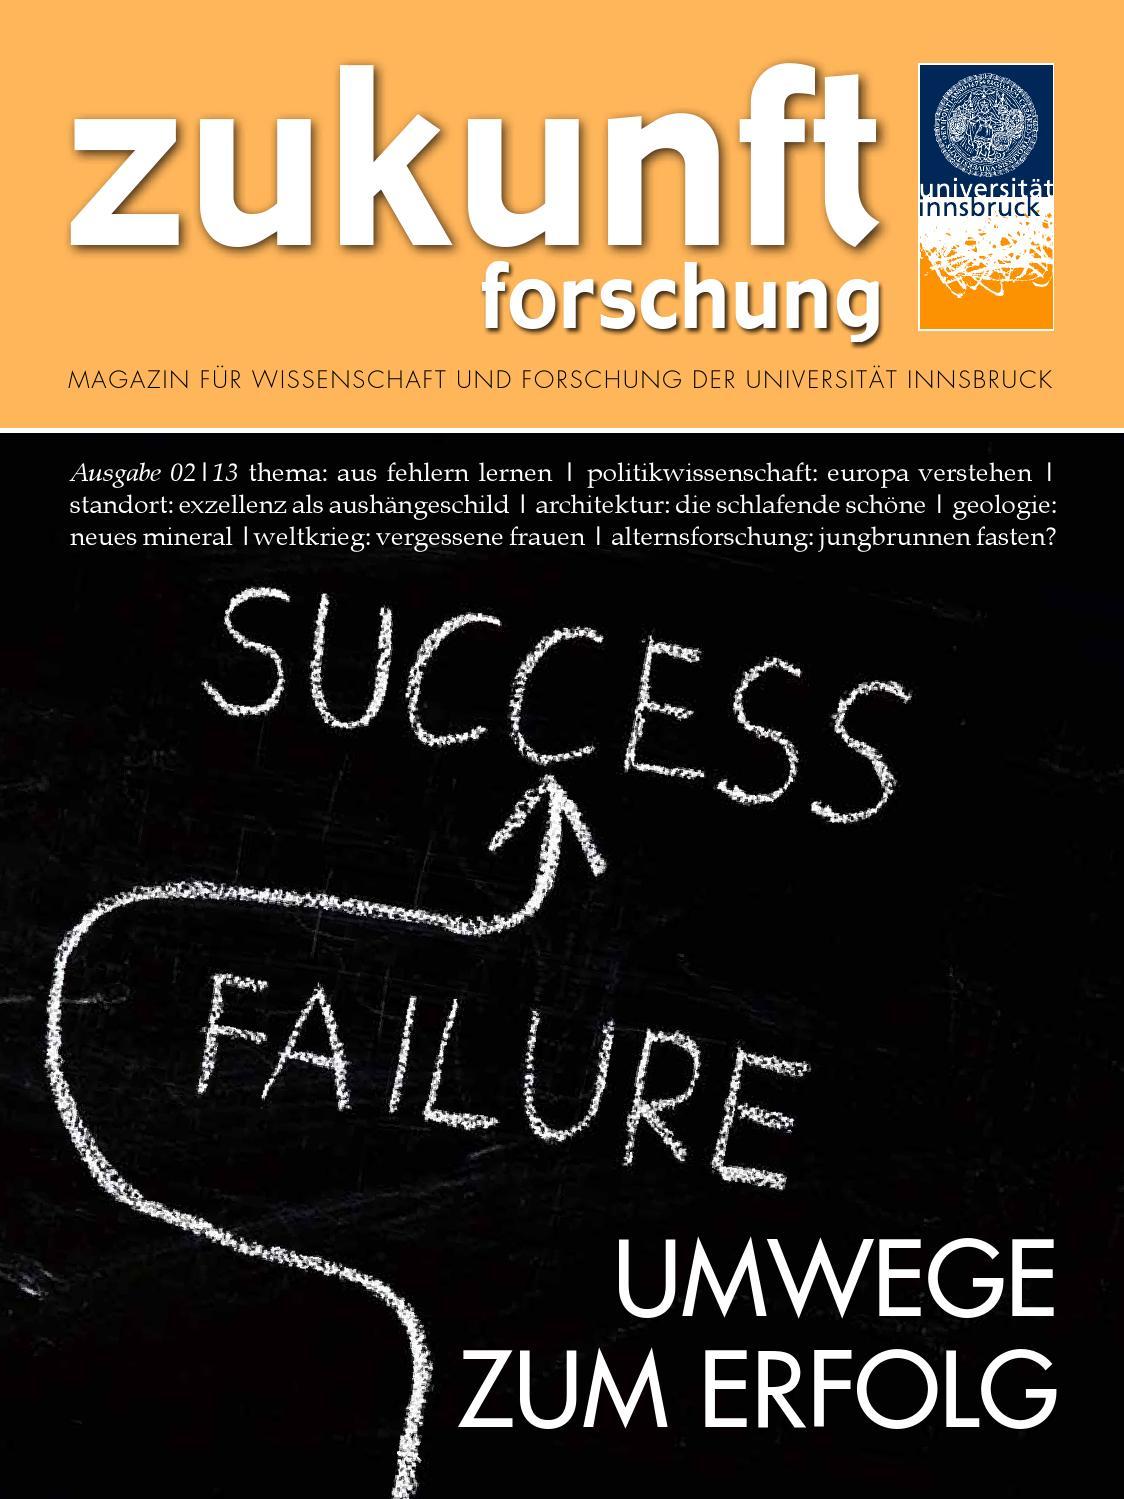 Forschungsmagazin der Universität Innsbruck - 02/2013 by Universität ...